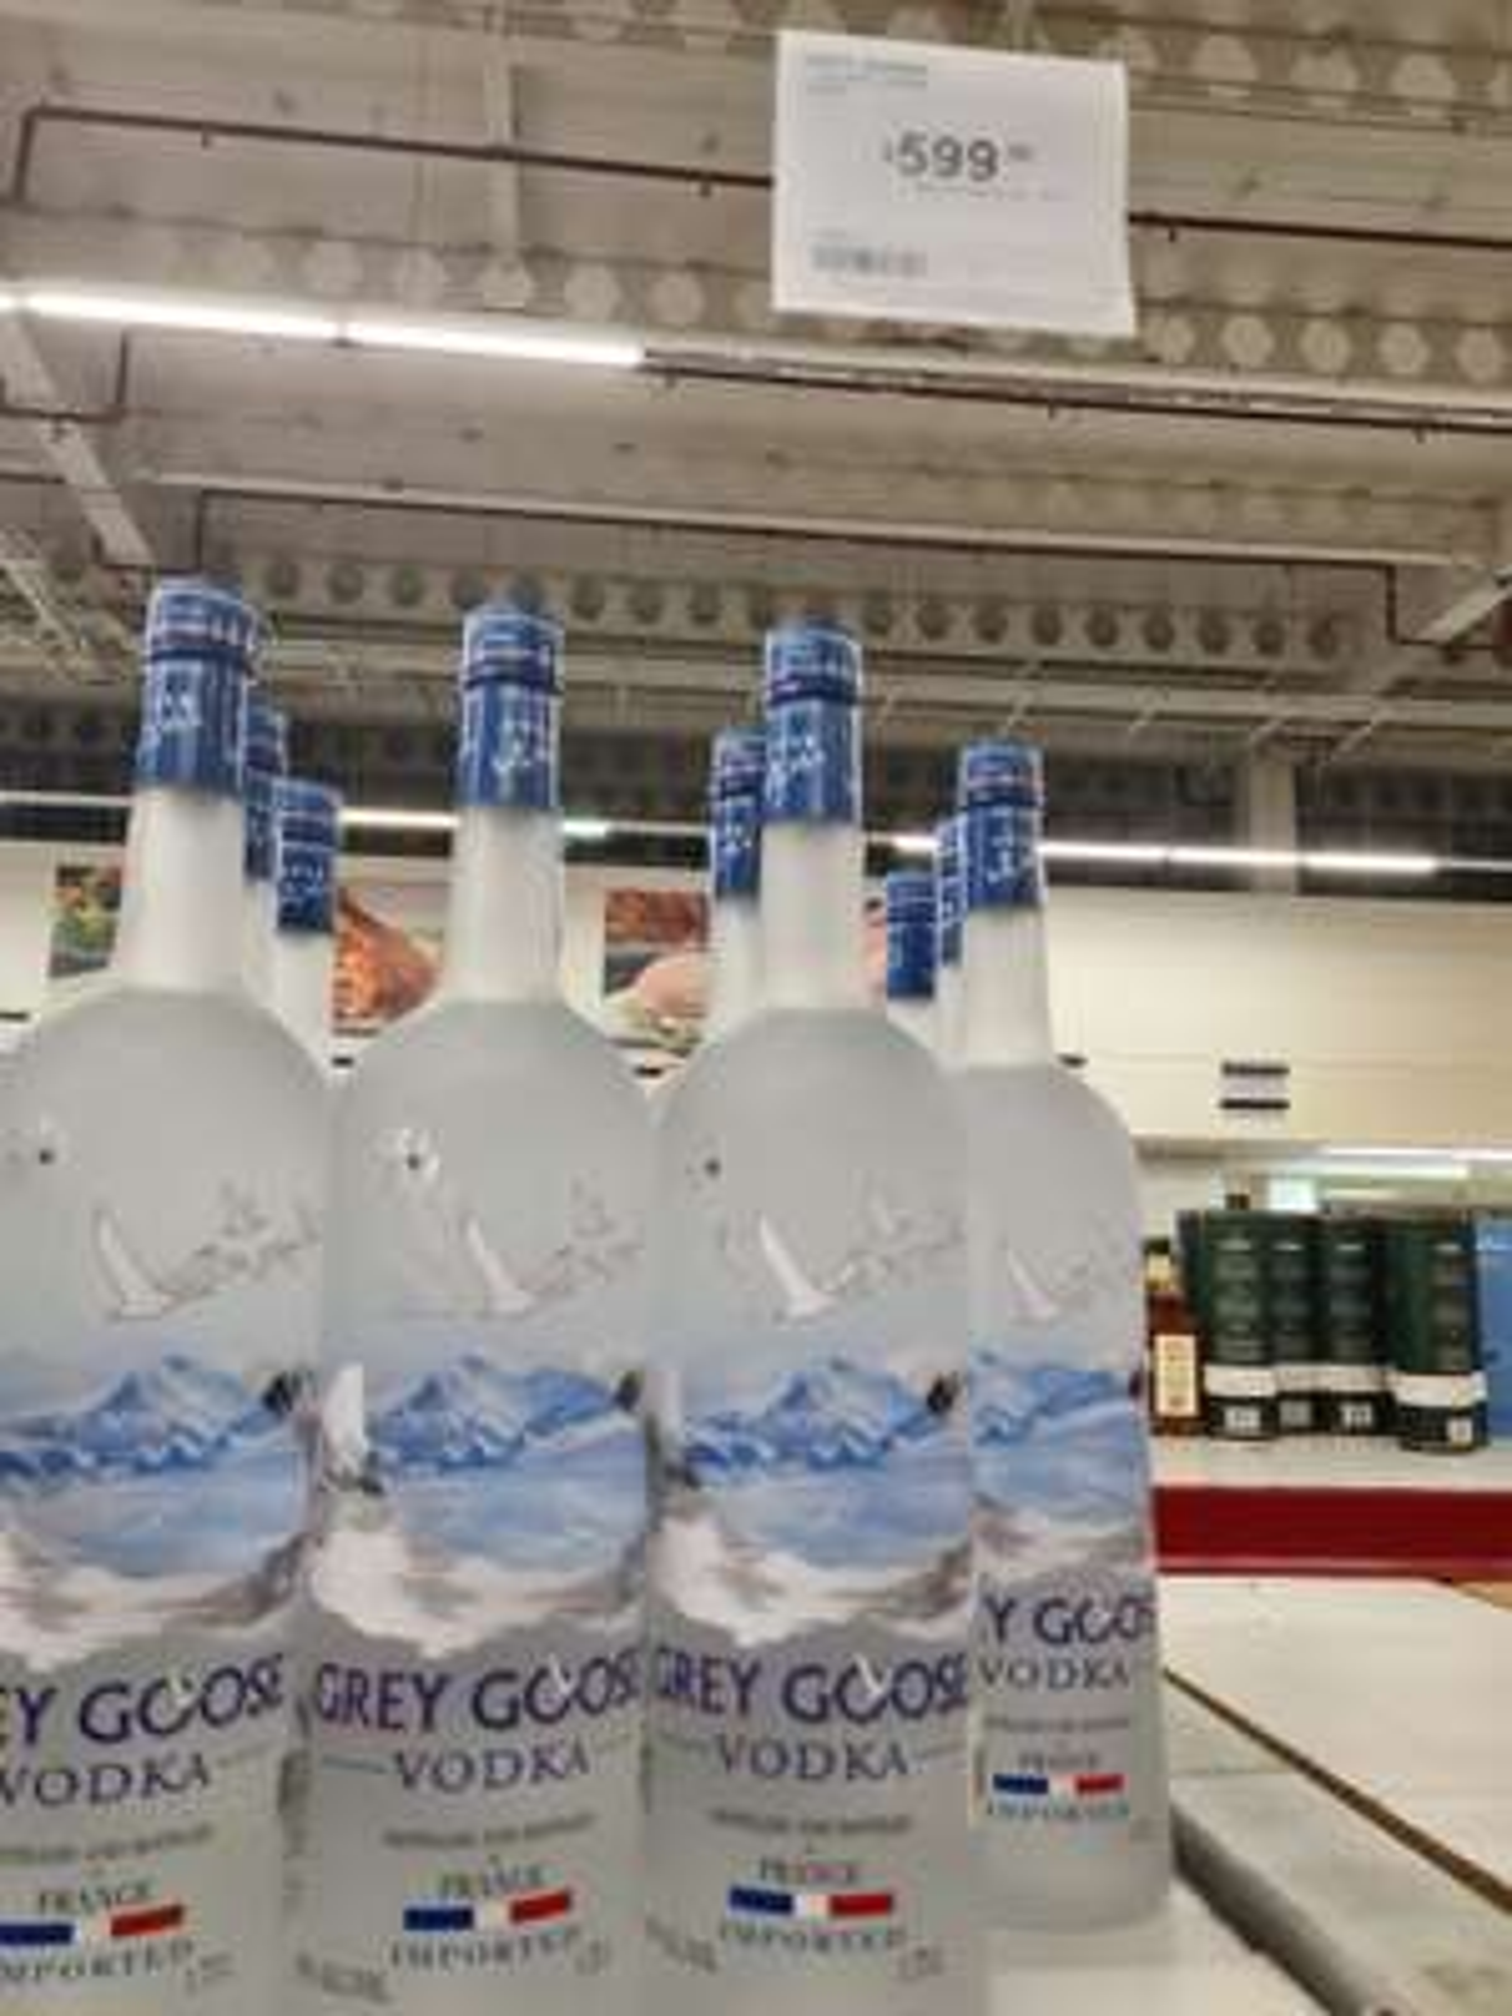 Sam's Club: Lícores en promoción. Grey goose, Reserva de la Familia, Hendricks gin.